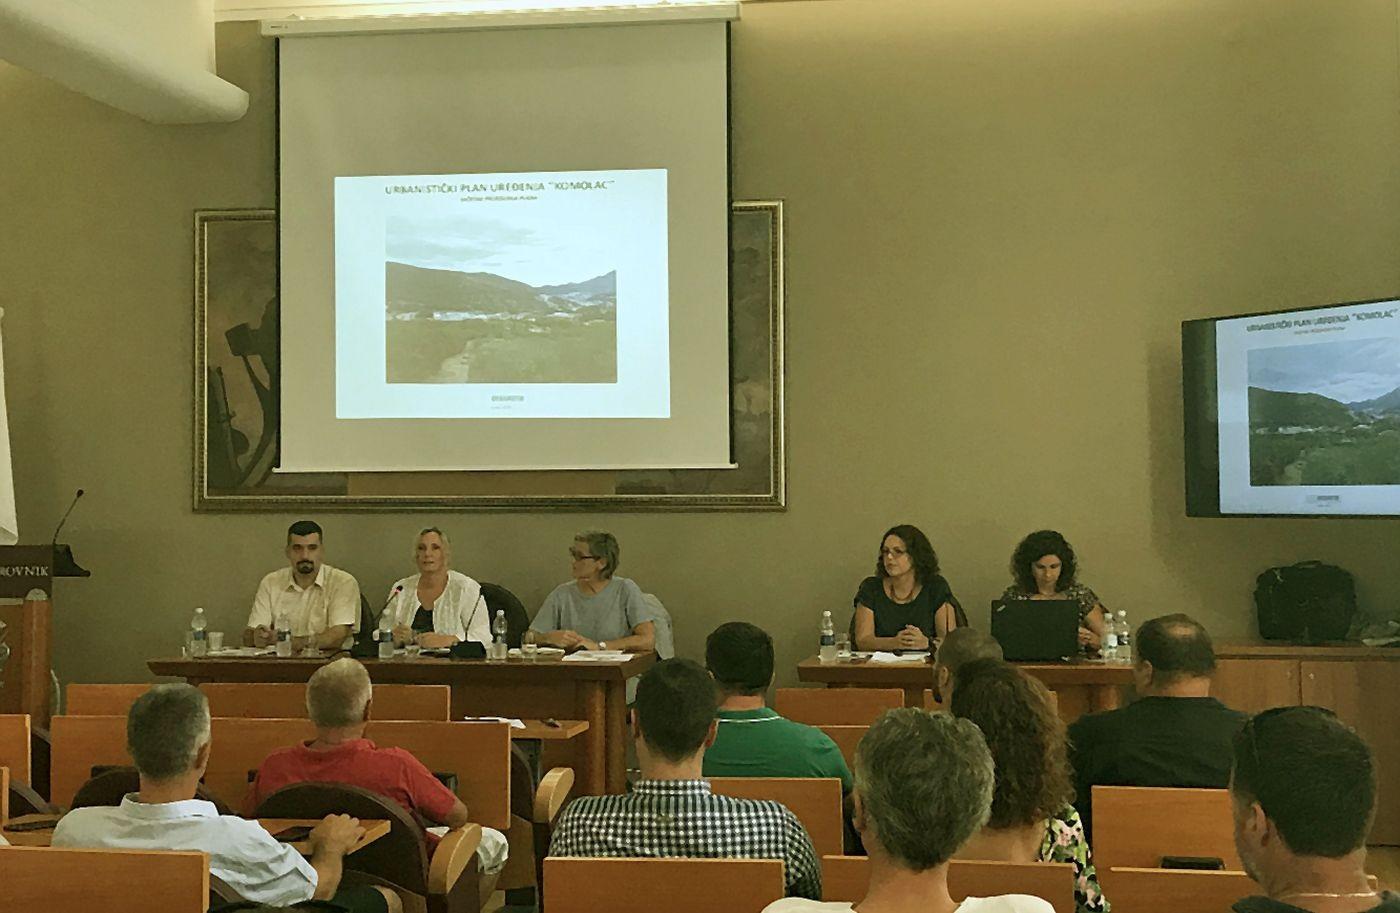 Održano javno izlaganje o prijedlogu UPU-a